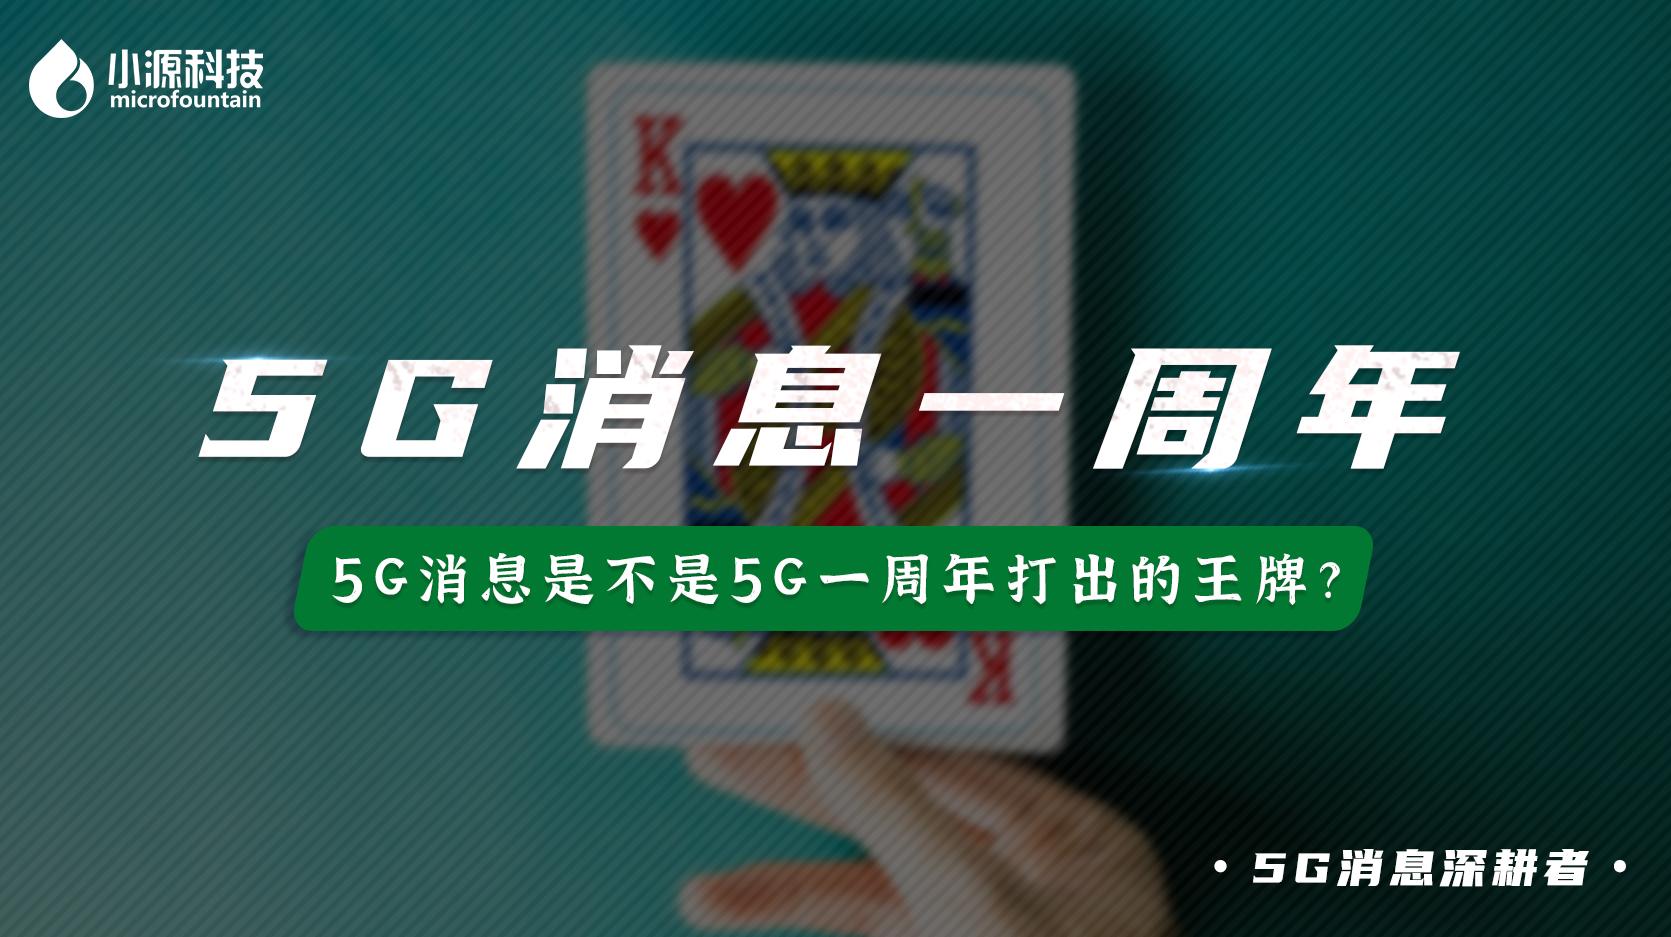 5G消息是不是5G一周年打出的王牌?